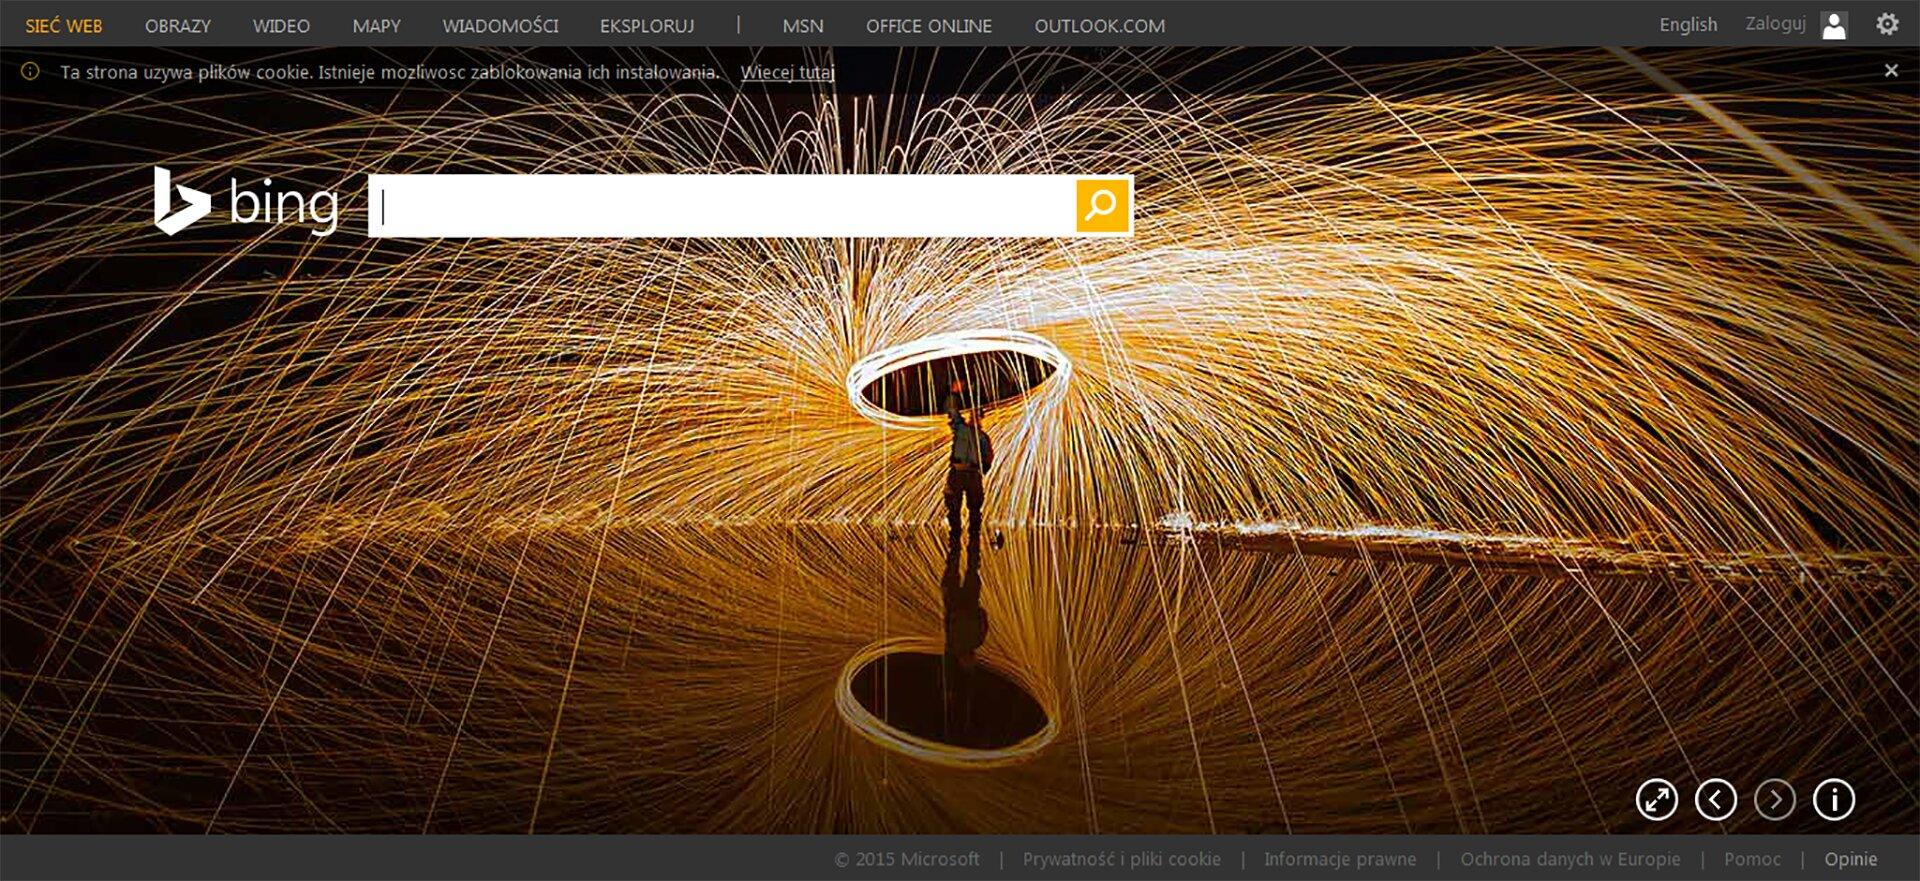 Okno wyszukiwarki Bing